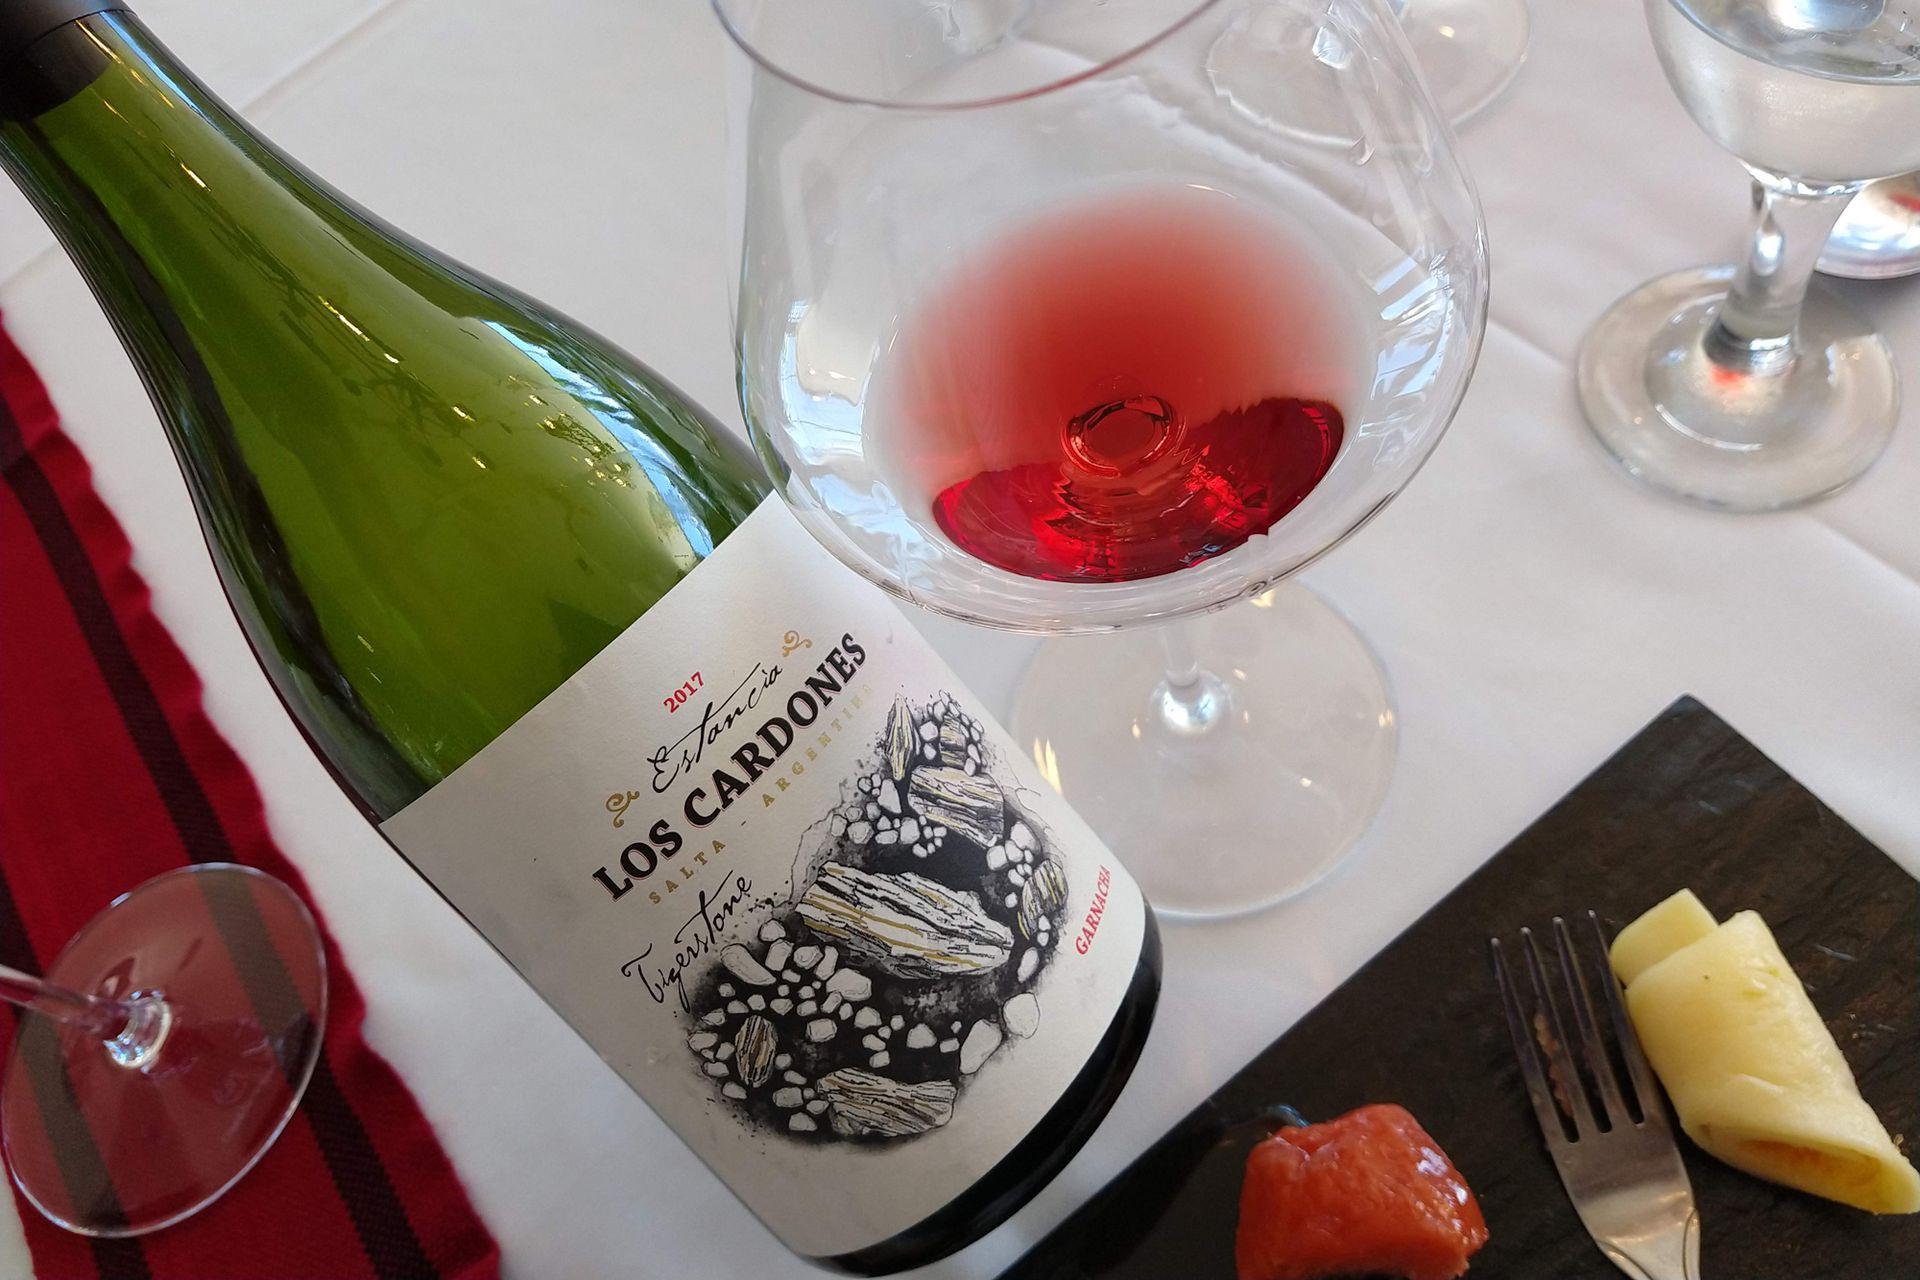 Los vinos del mediterráneo, los nuevos tintos que van invadiendo las góndolas